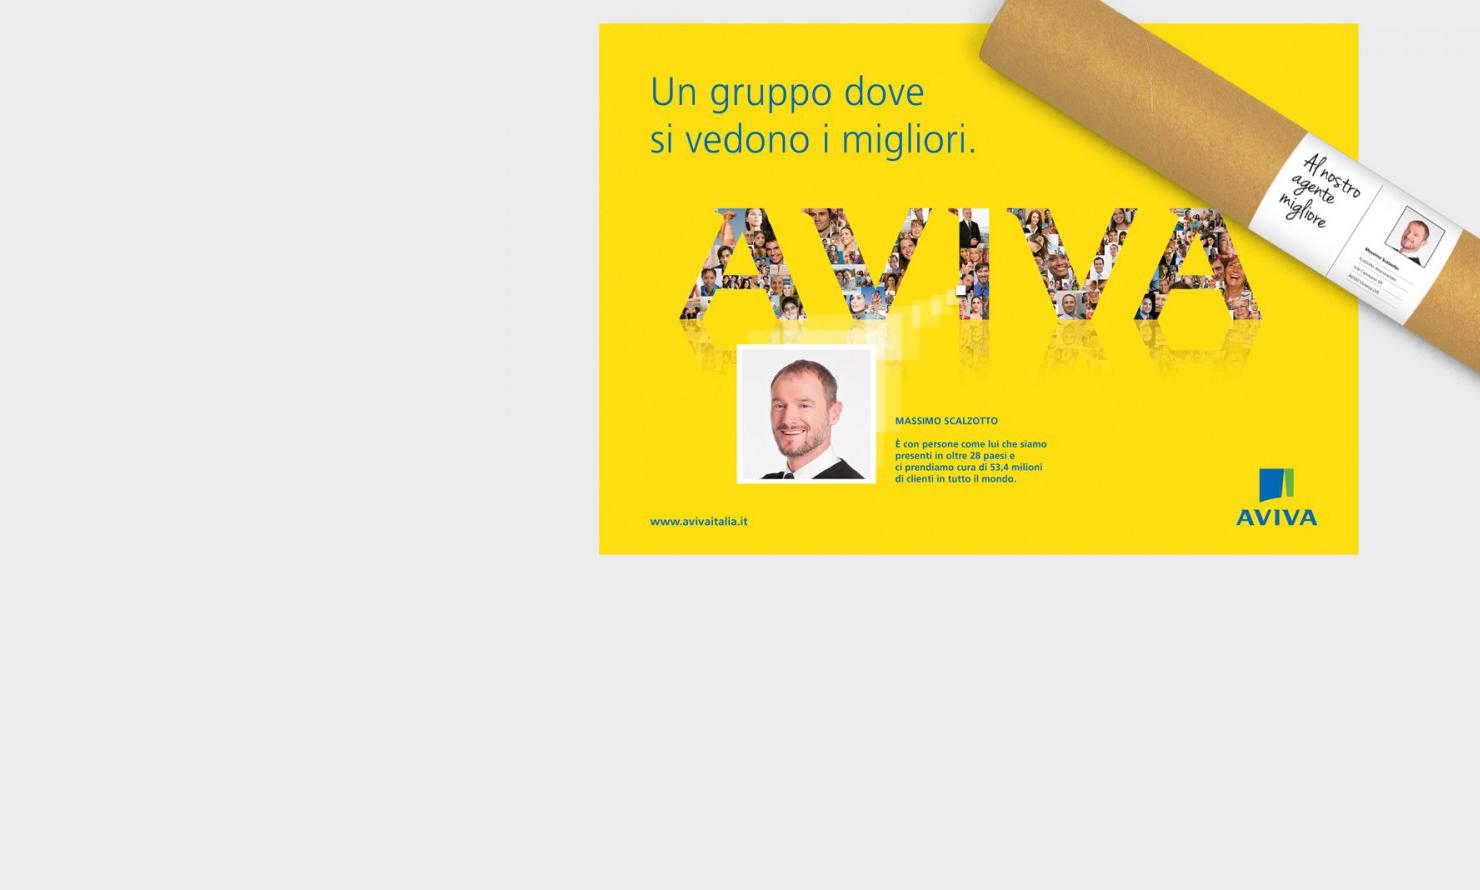 https://www.kubelibre.com/uploads/Slider-work-tutti-clienti/aviva-faces-3.jpg